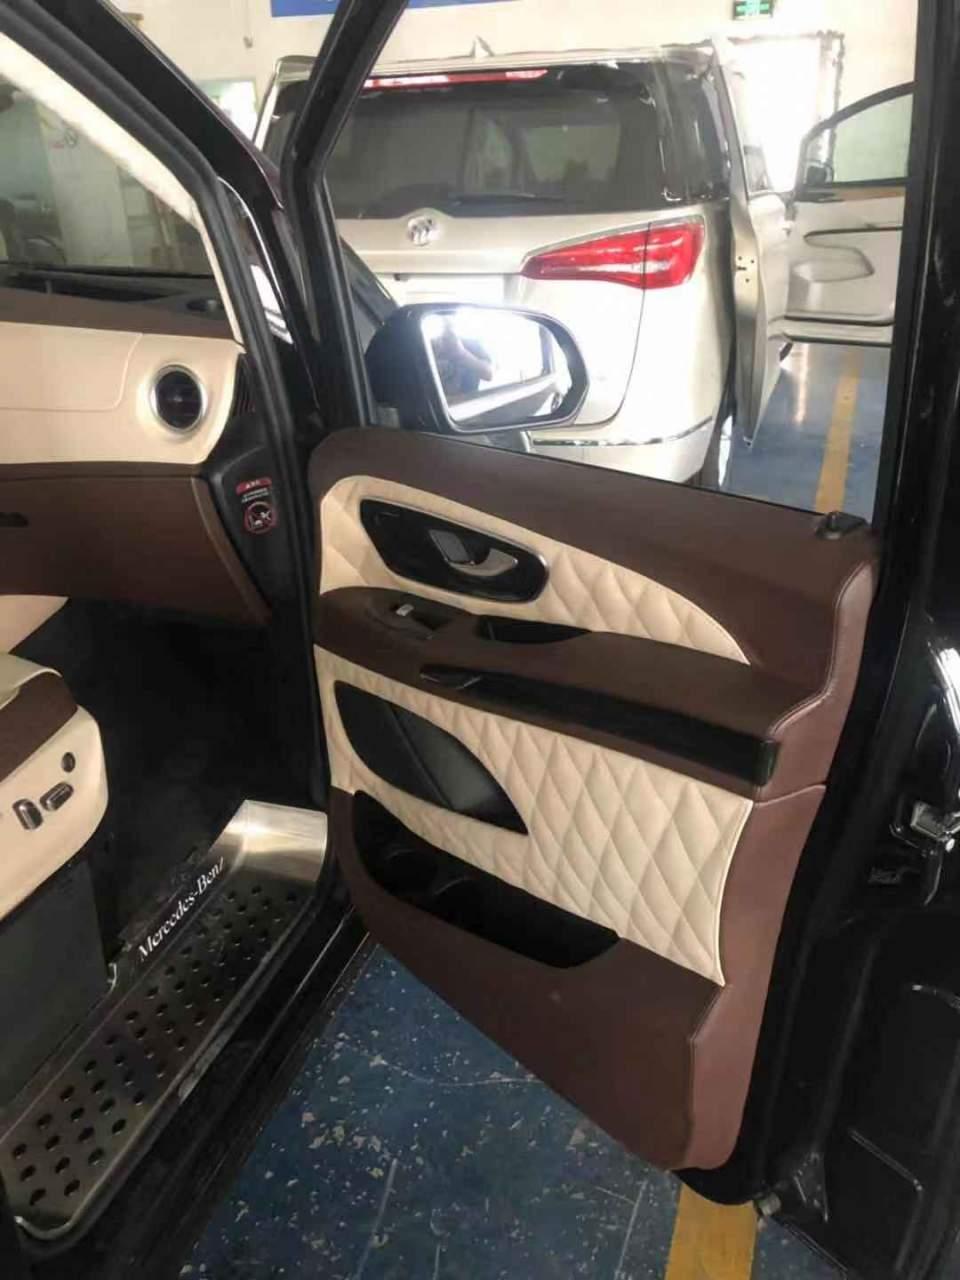 奔驰威霆改造大空间MPV,配置宽敞沙发床,完美座驾满足需求